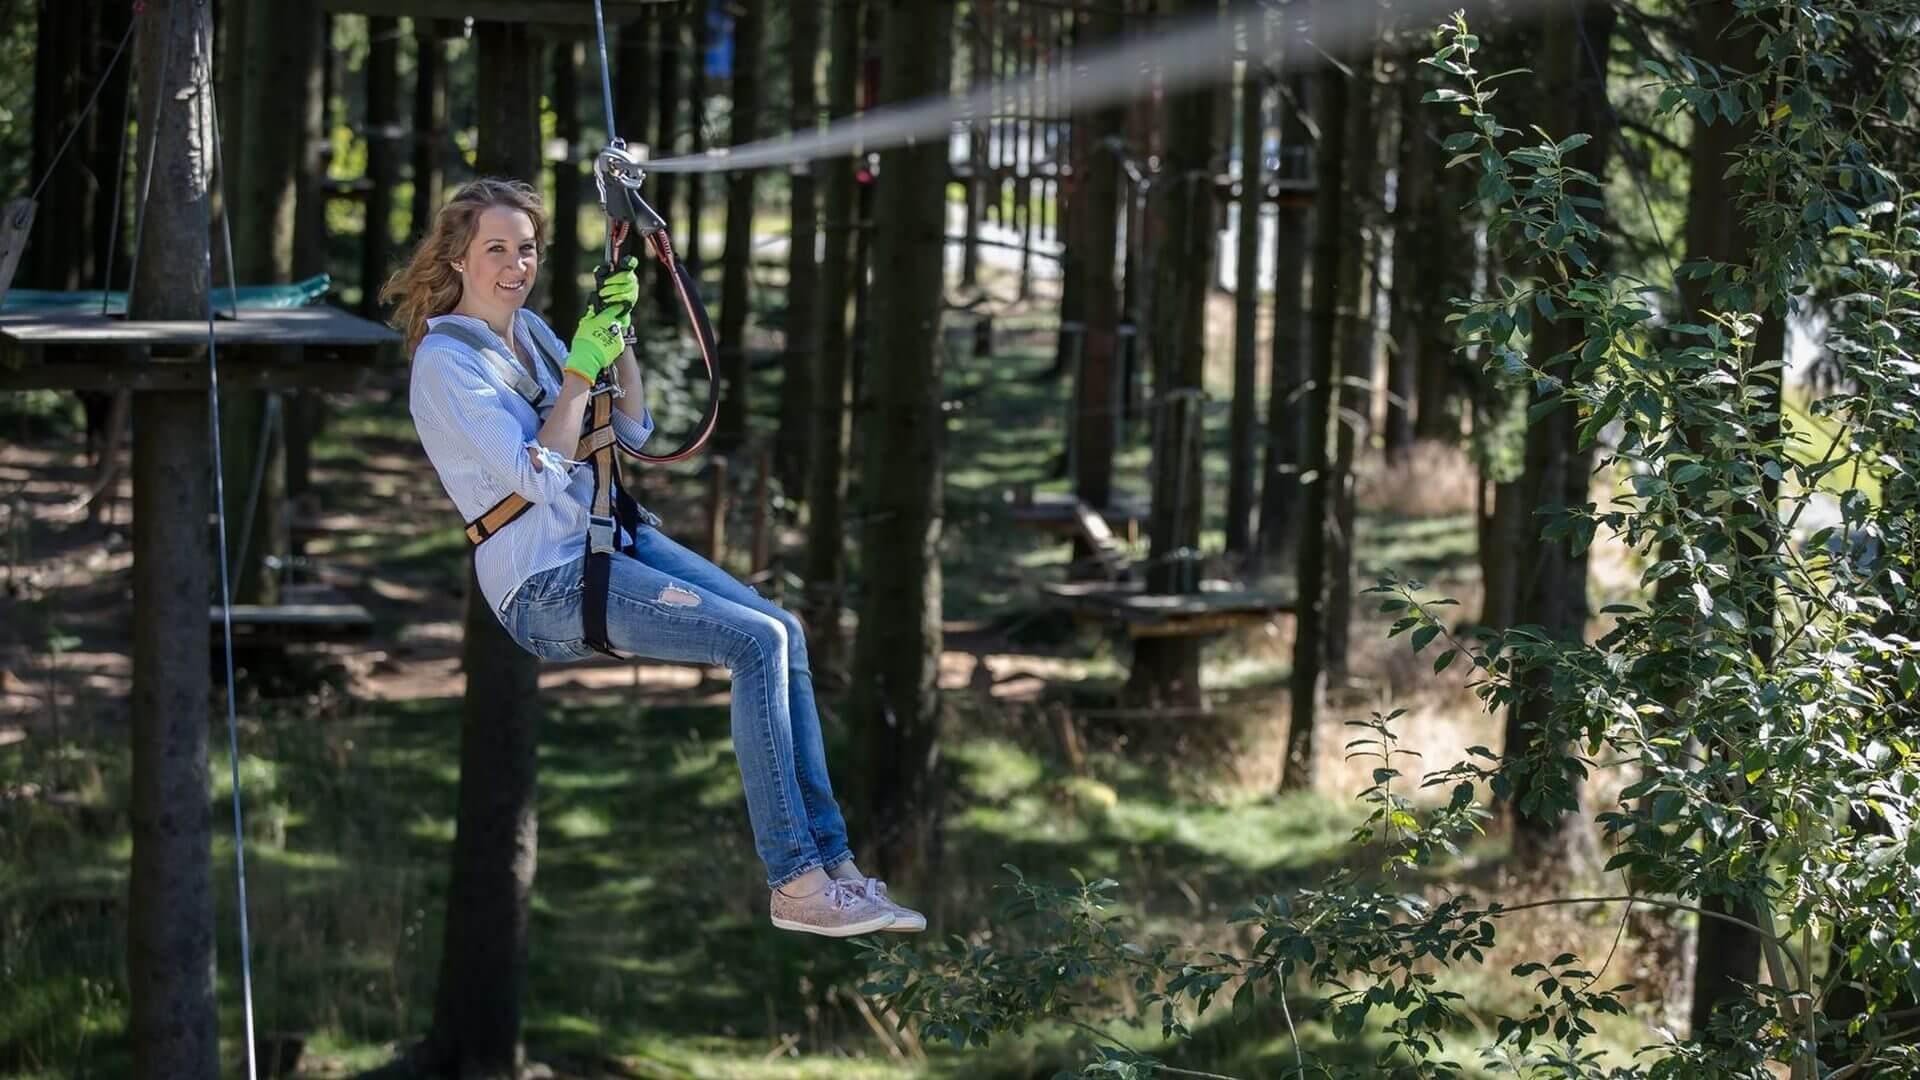 Verkürzte Öffnungszeiten im Kletterwald zum Saisonende